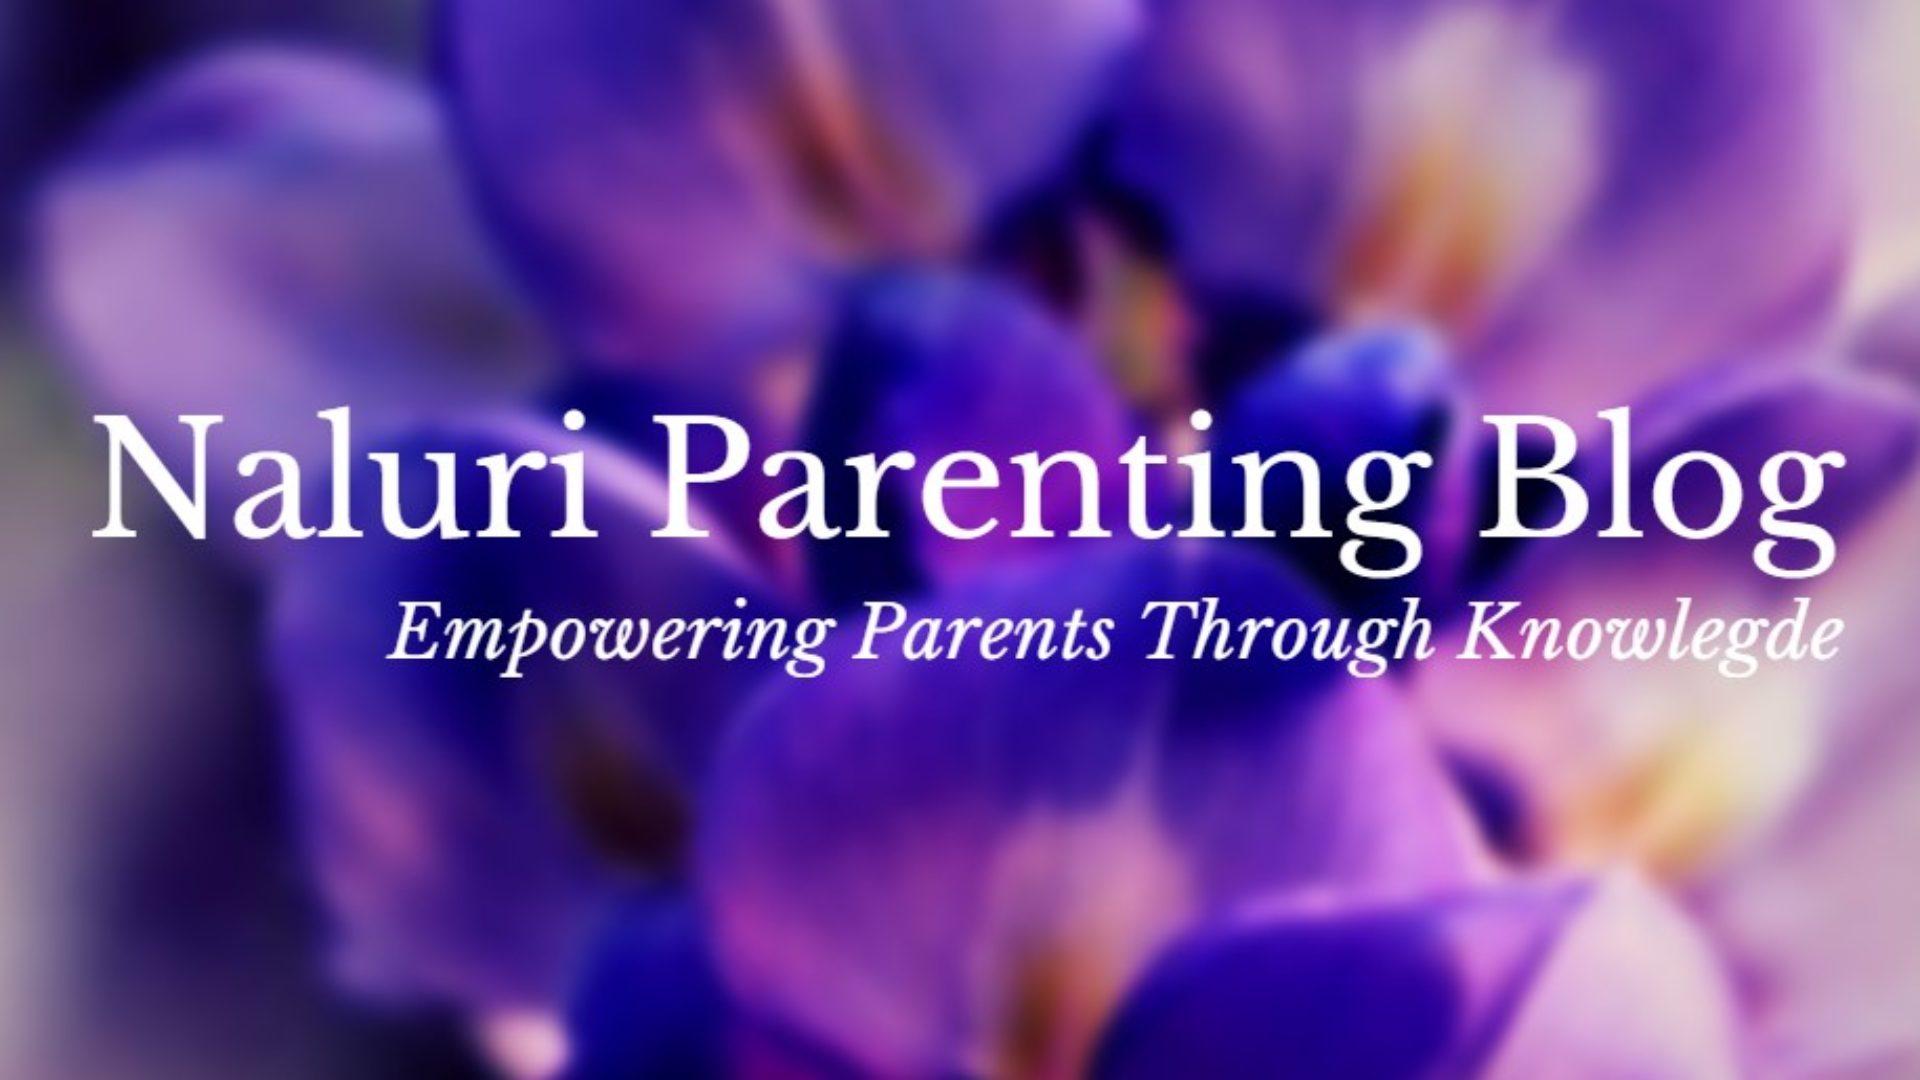 Naluri Parenting Blog